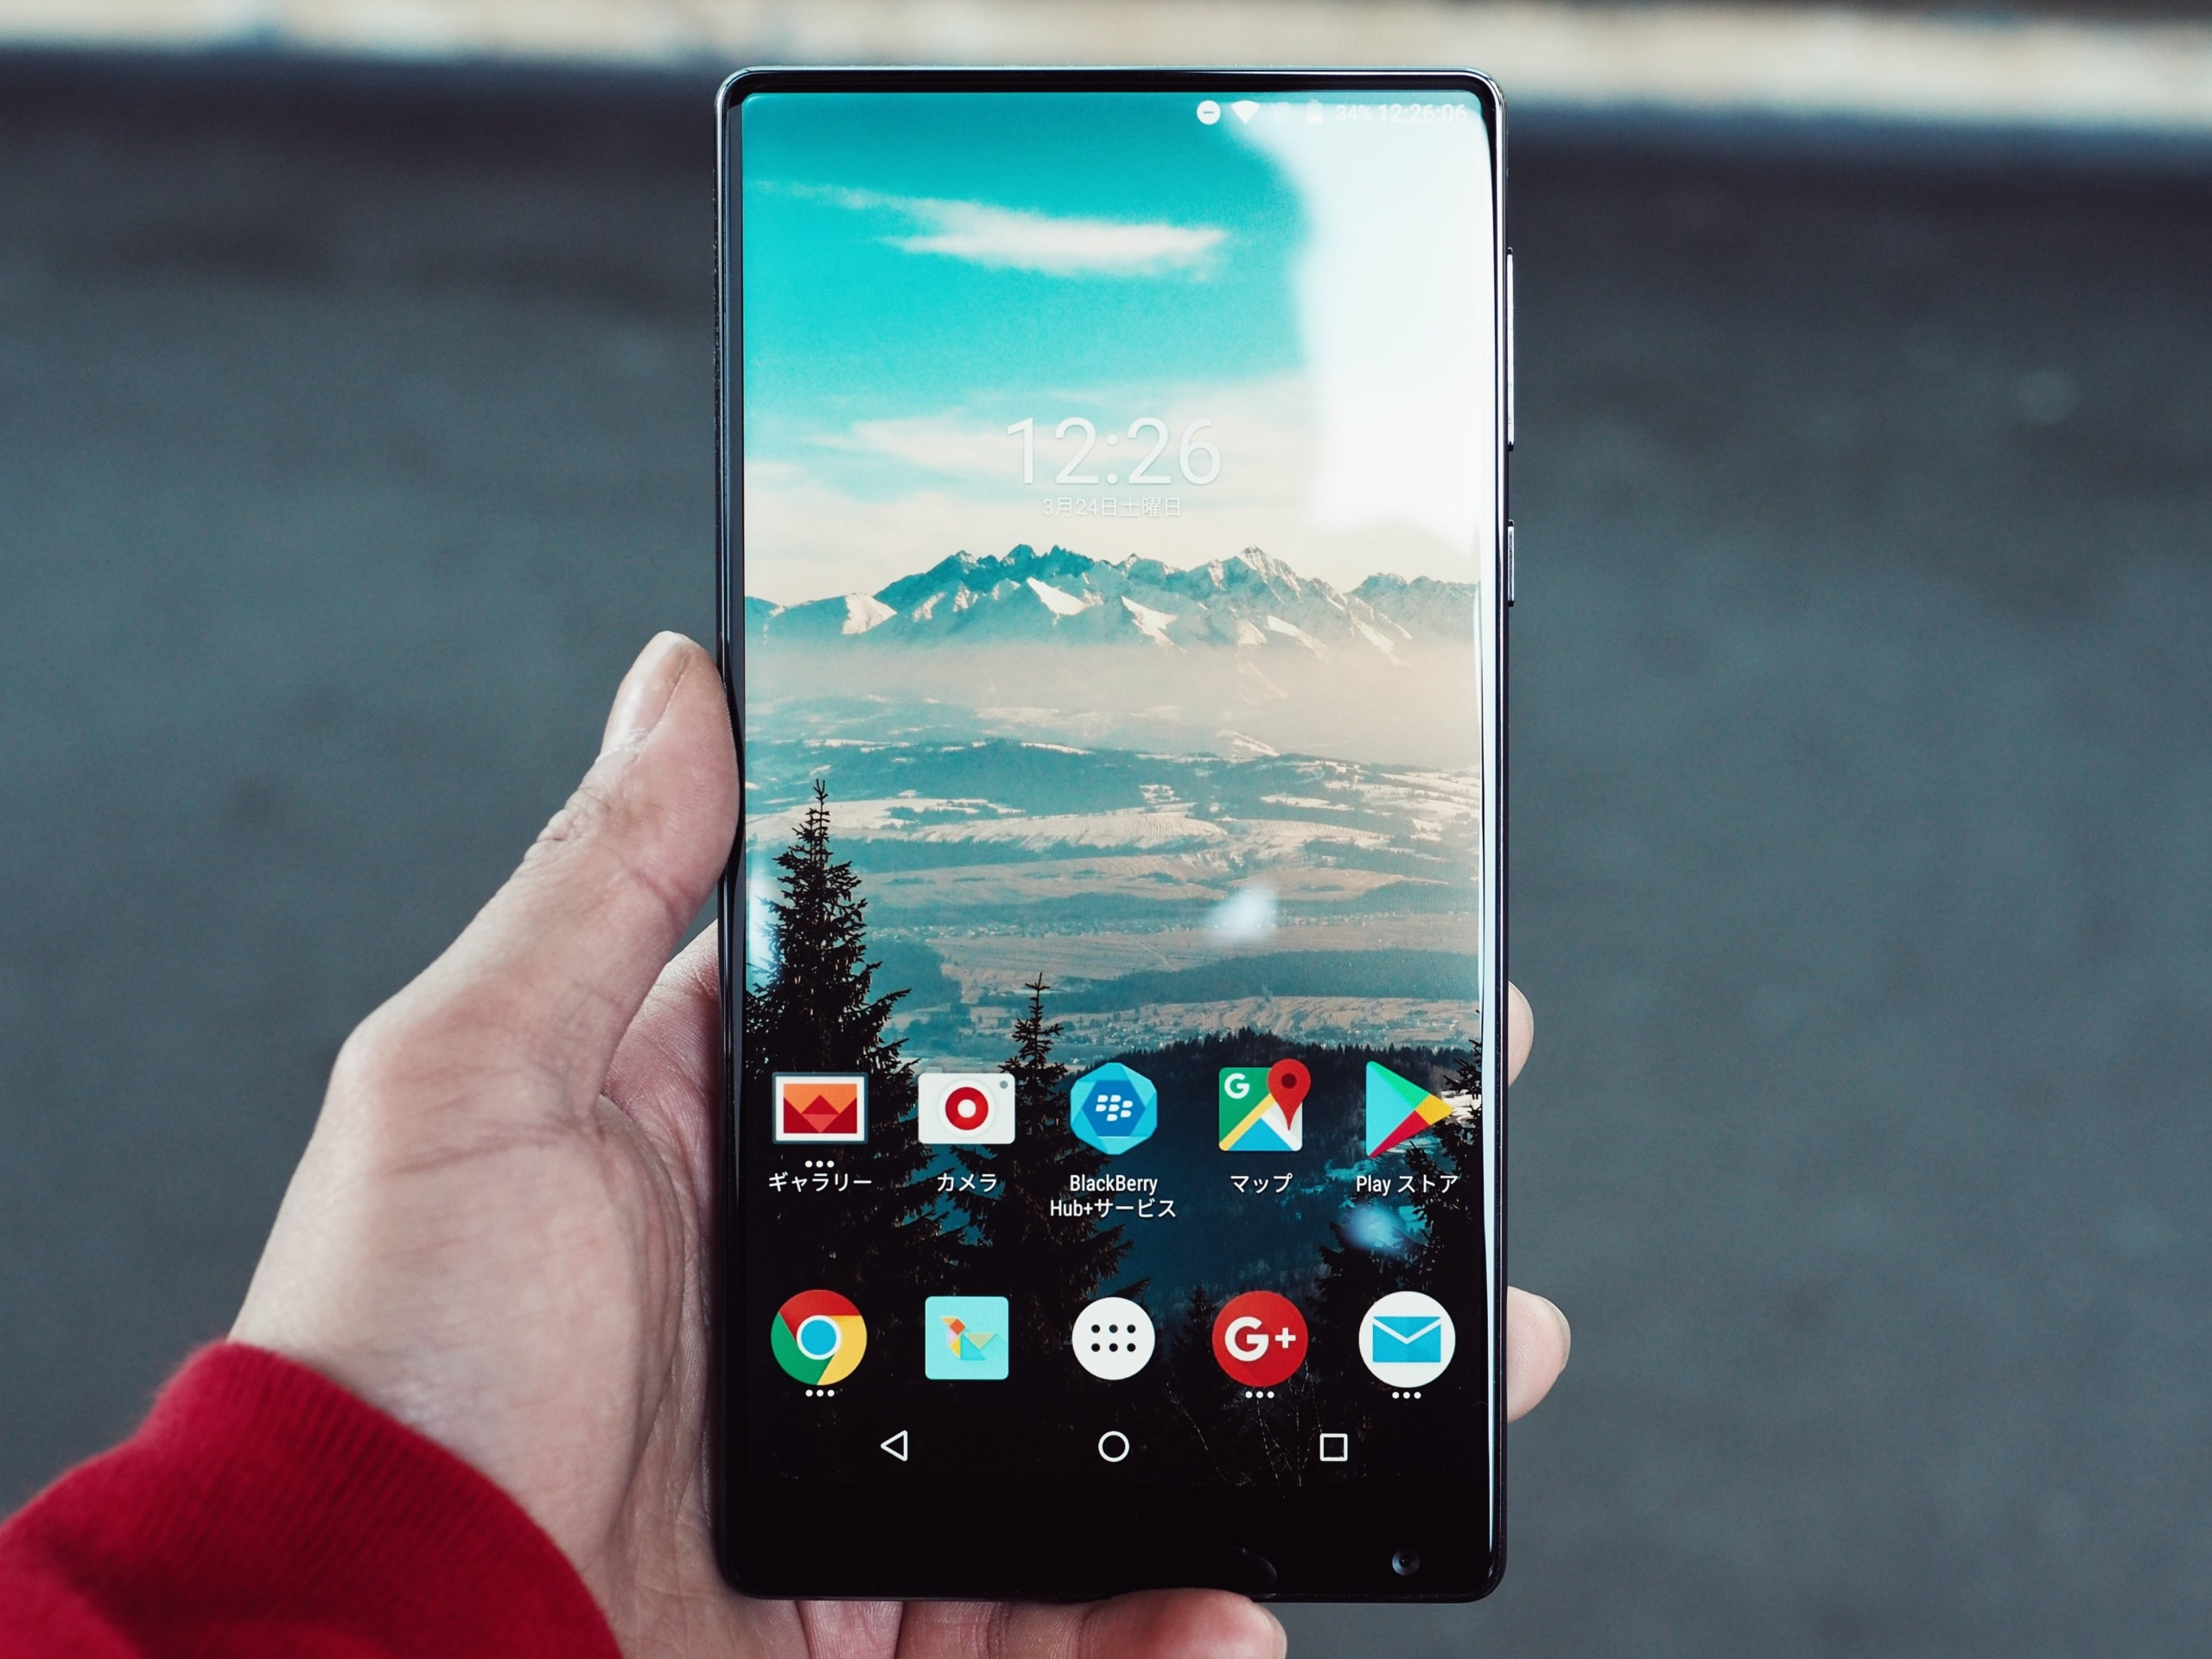 Как вернуть удаленные фото на андроиде?